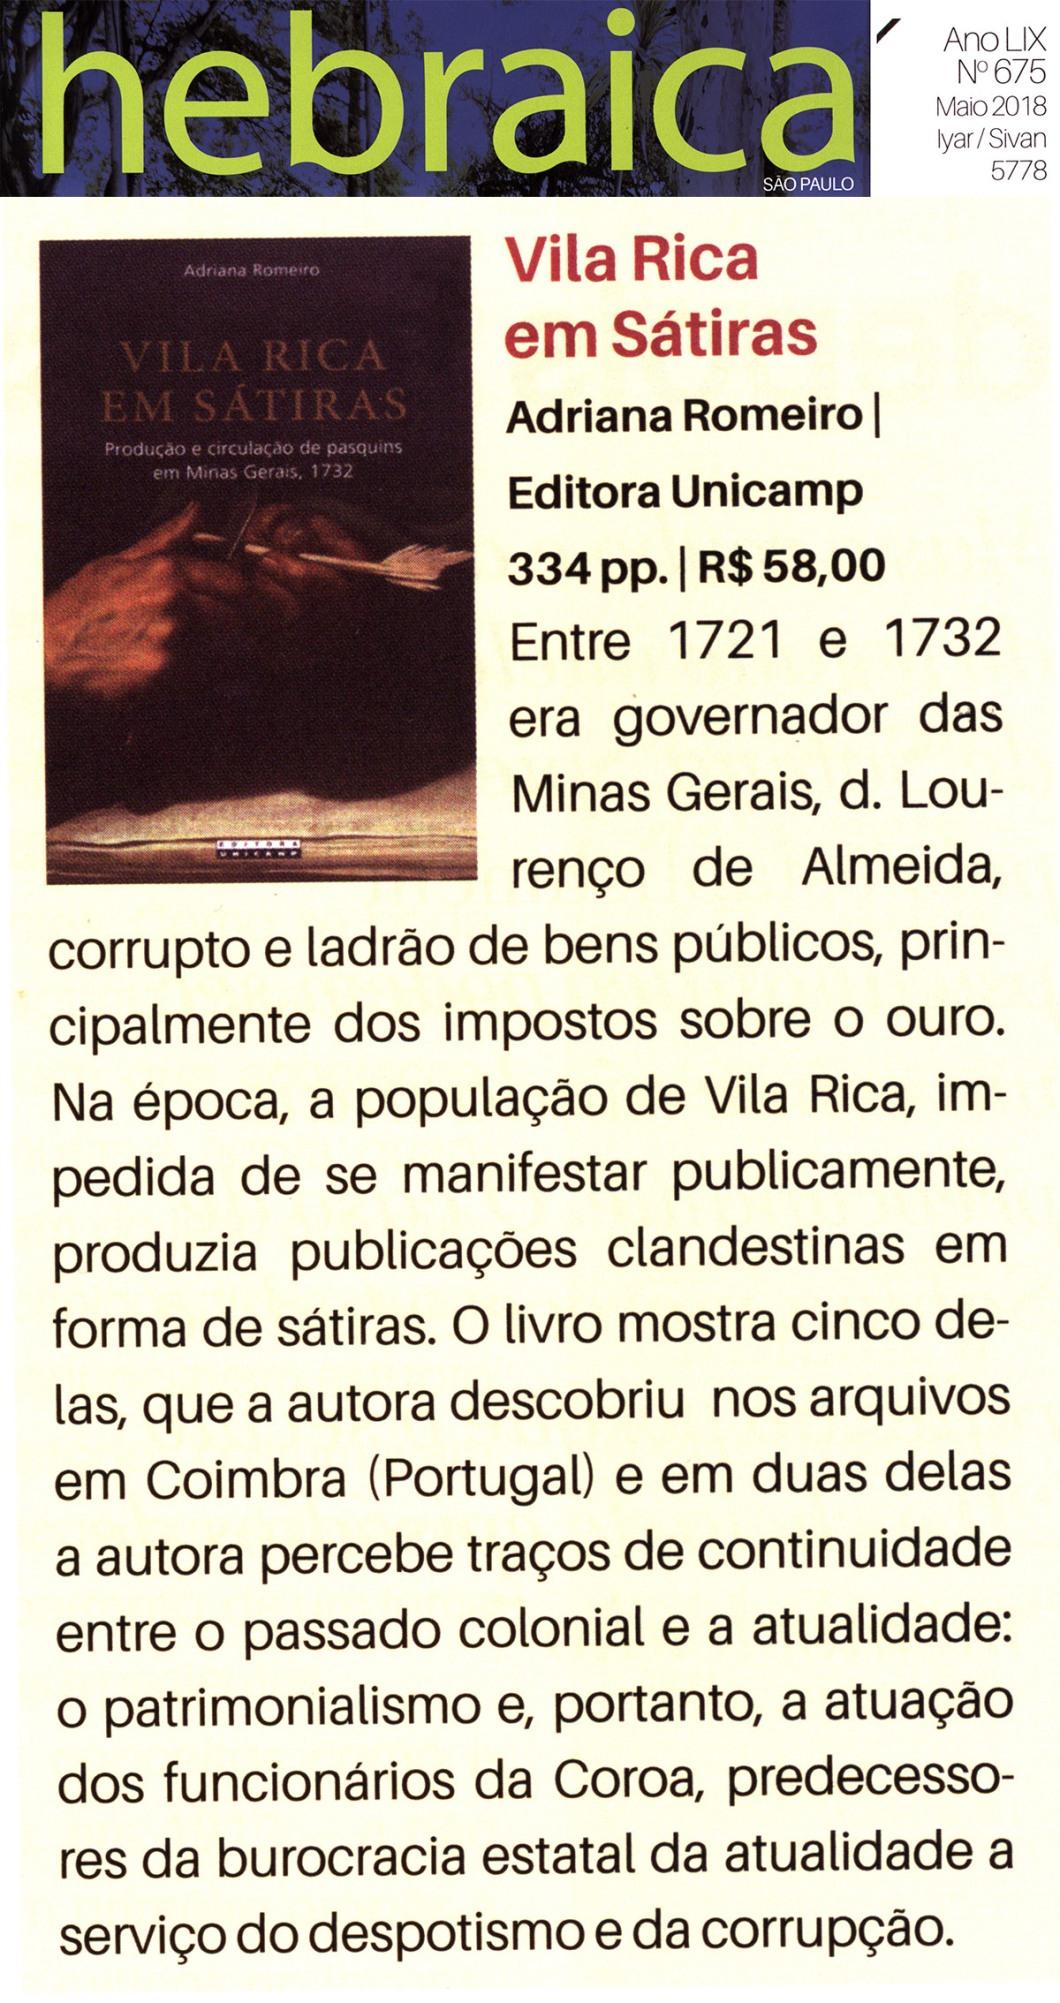 Revista Hebraica - Nota sobre o livro Vila Rica